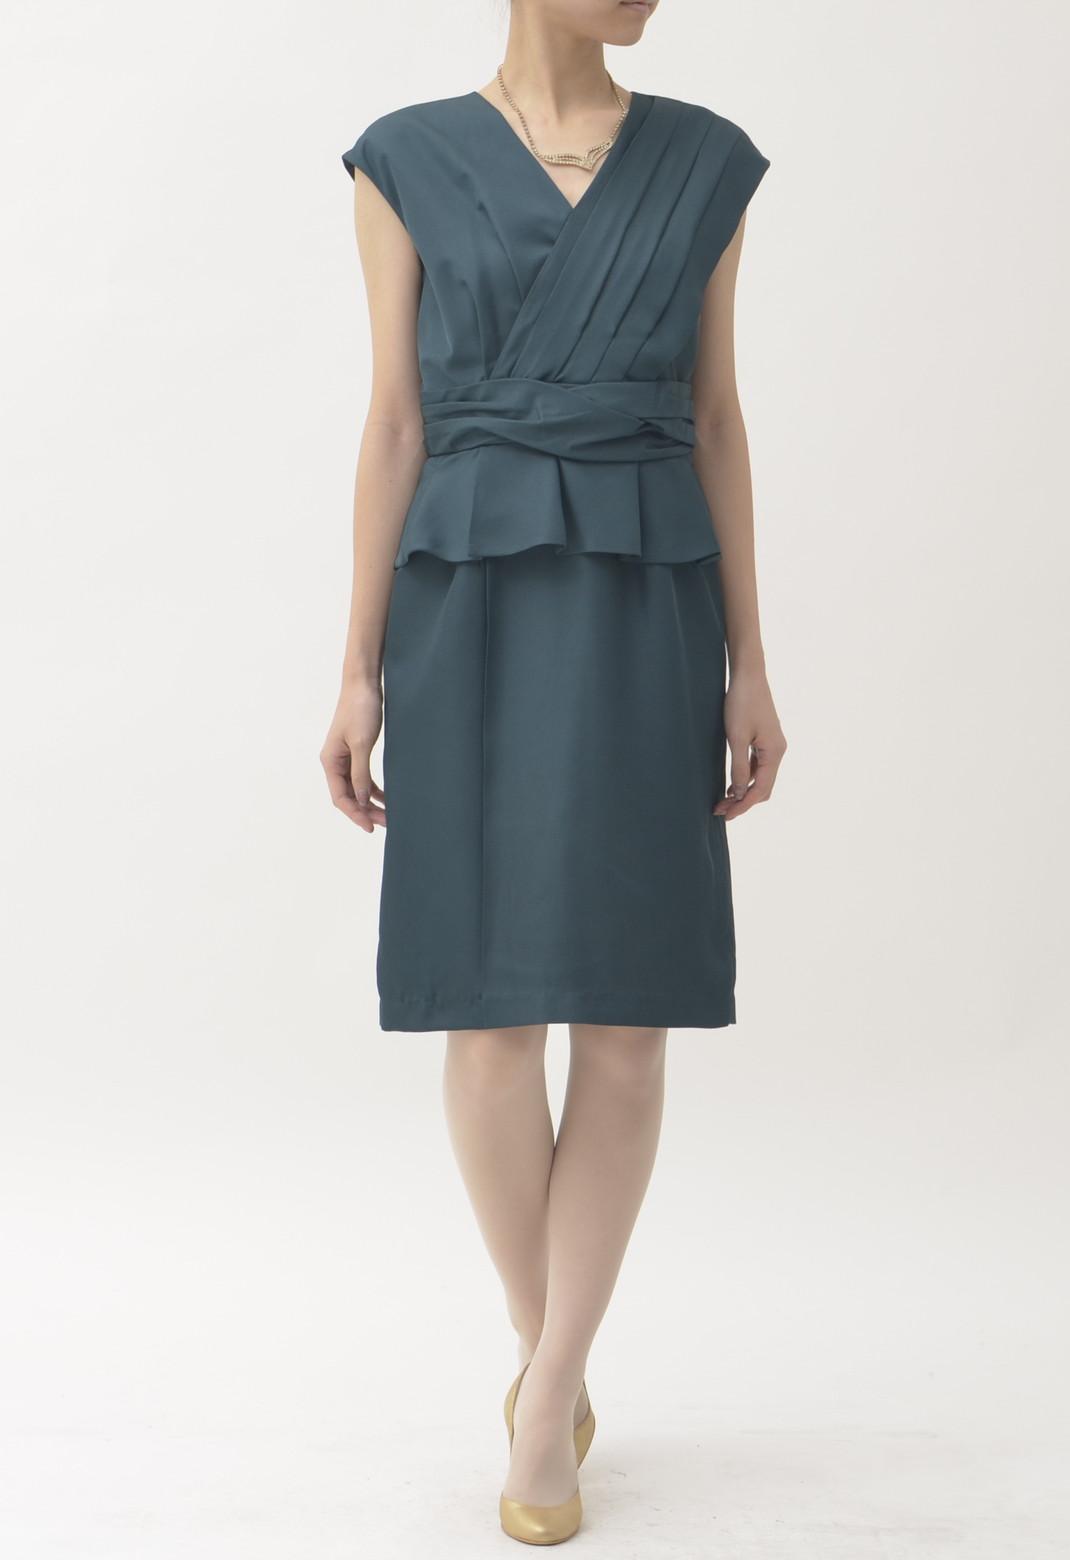 ウエストペプラム×タック ノースリーブ ドレス